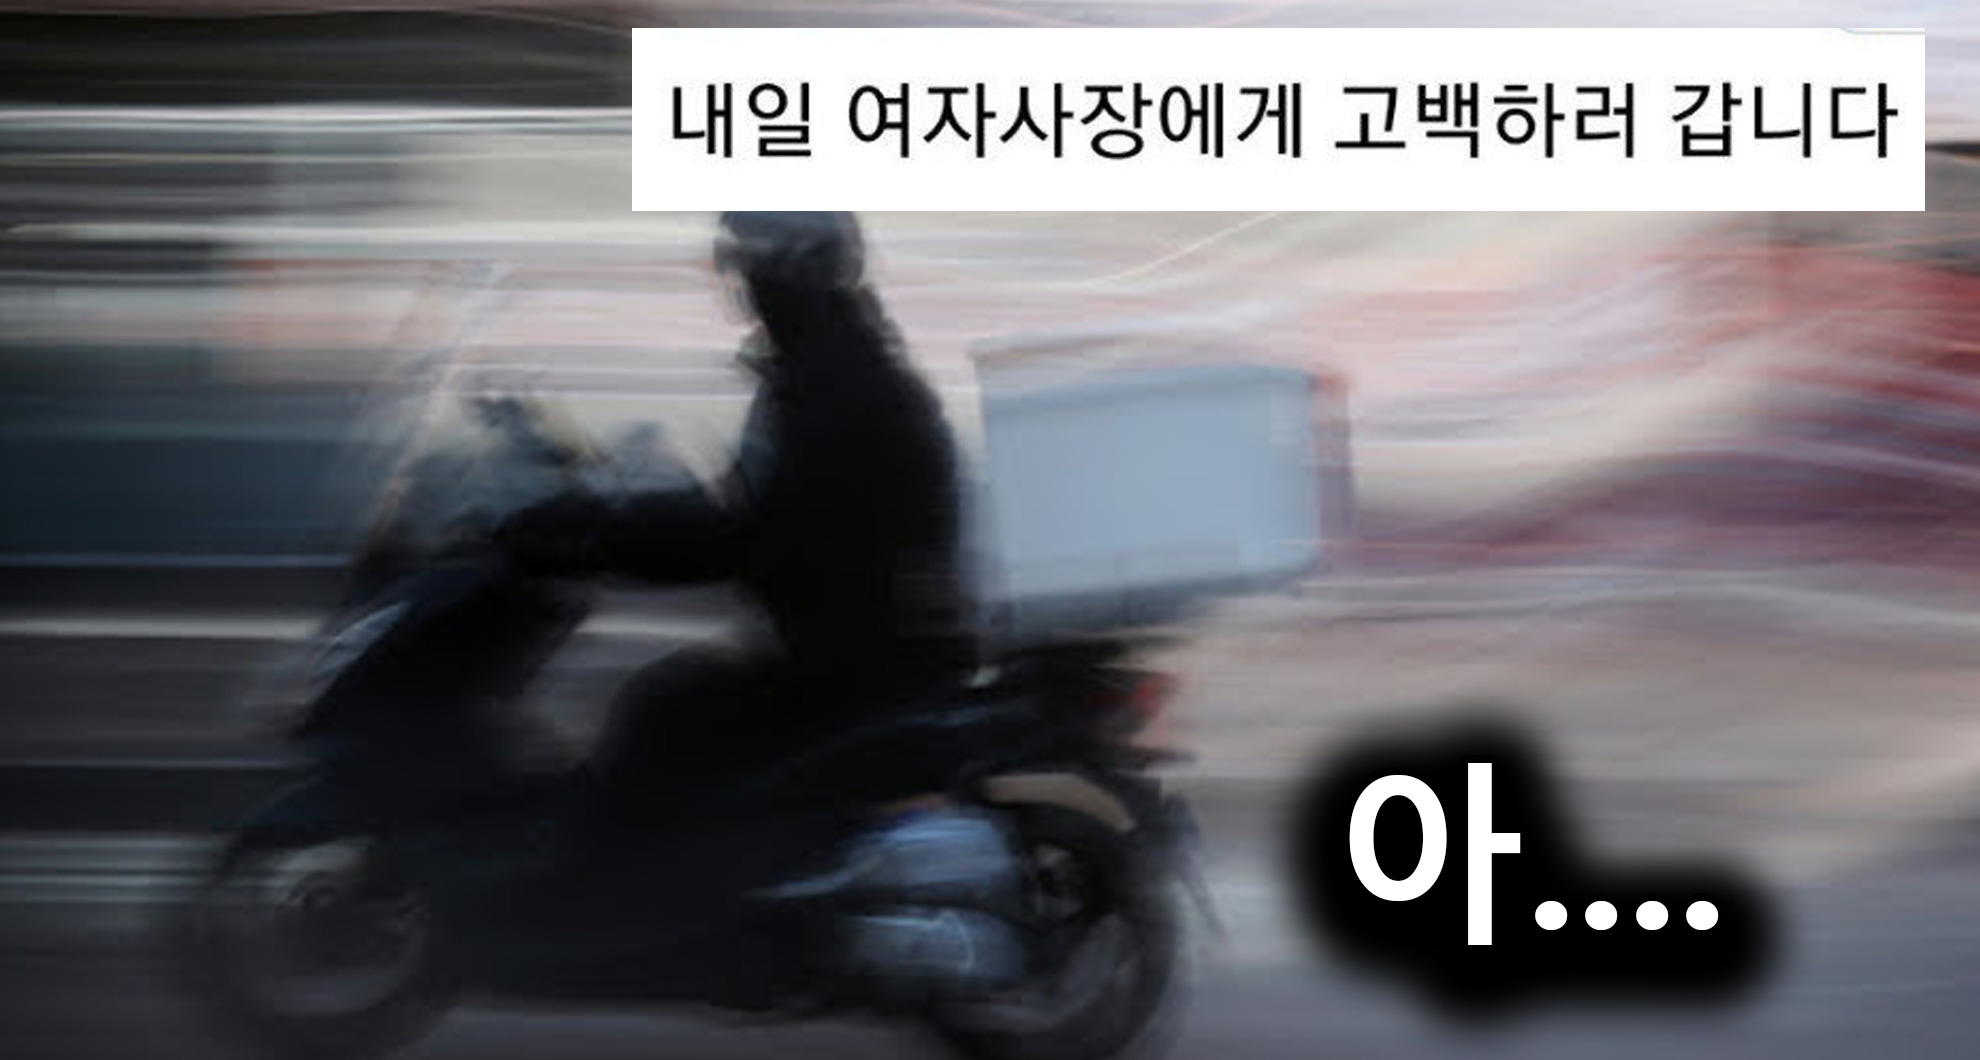 정신나간 배달의 민족… 사장 vs 손님 자강두천ㄹㅇ…..